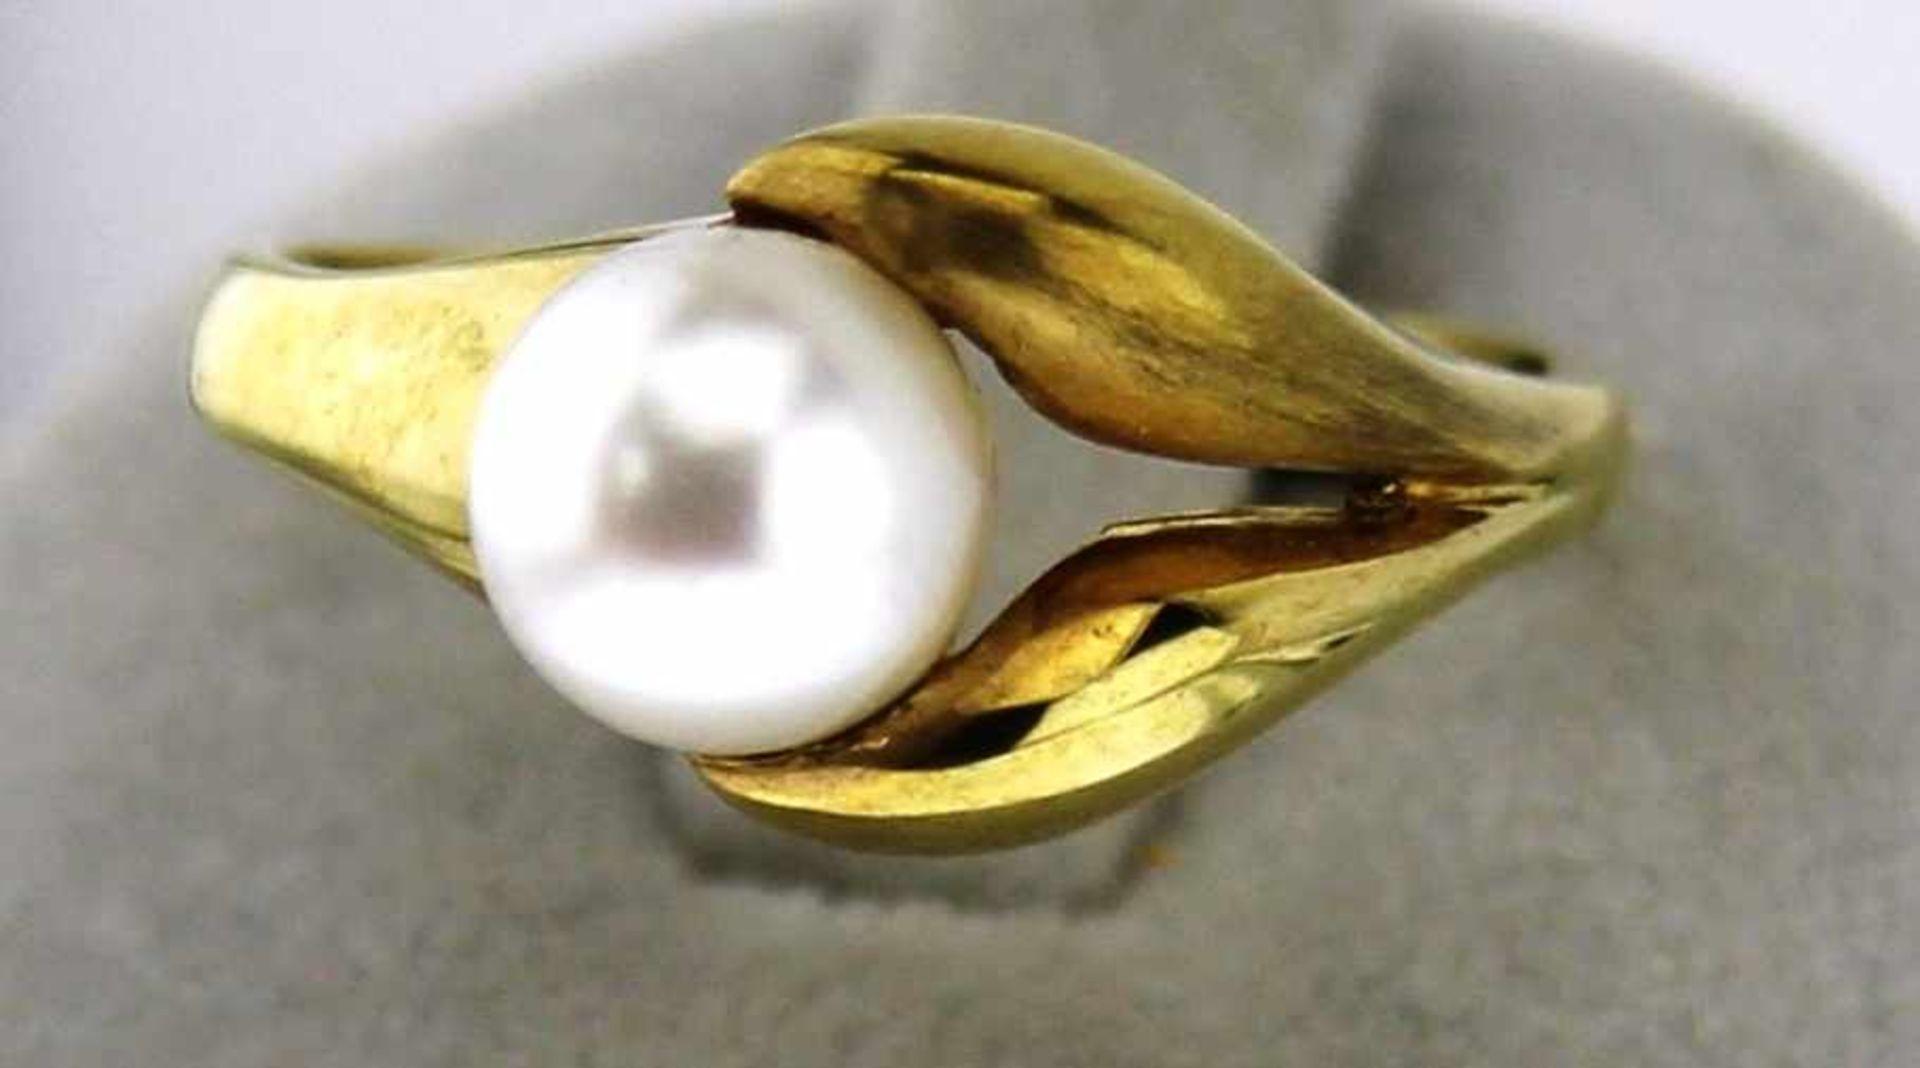 Damenring mit Zuchtperle in 333 Gold, NOS Gr. 57, Gesamtgewicht ca. 4 Gramm, Zuchtperle feines